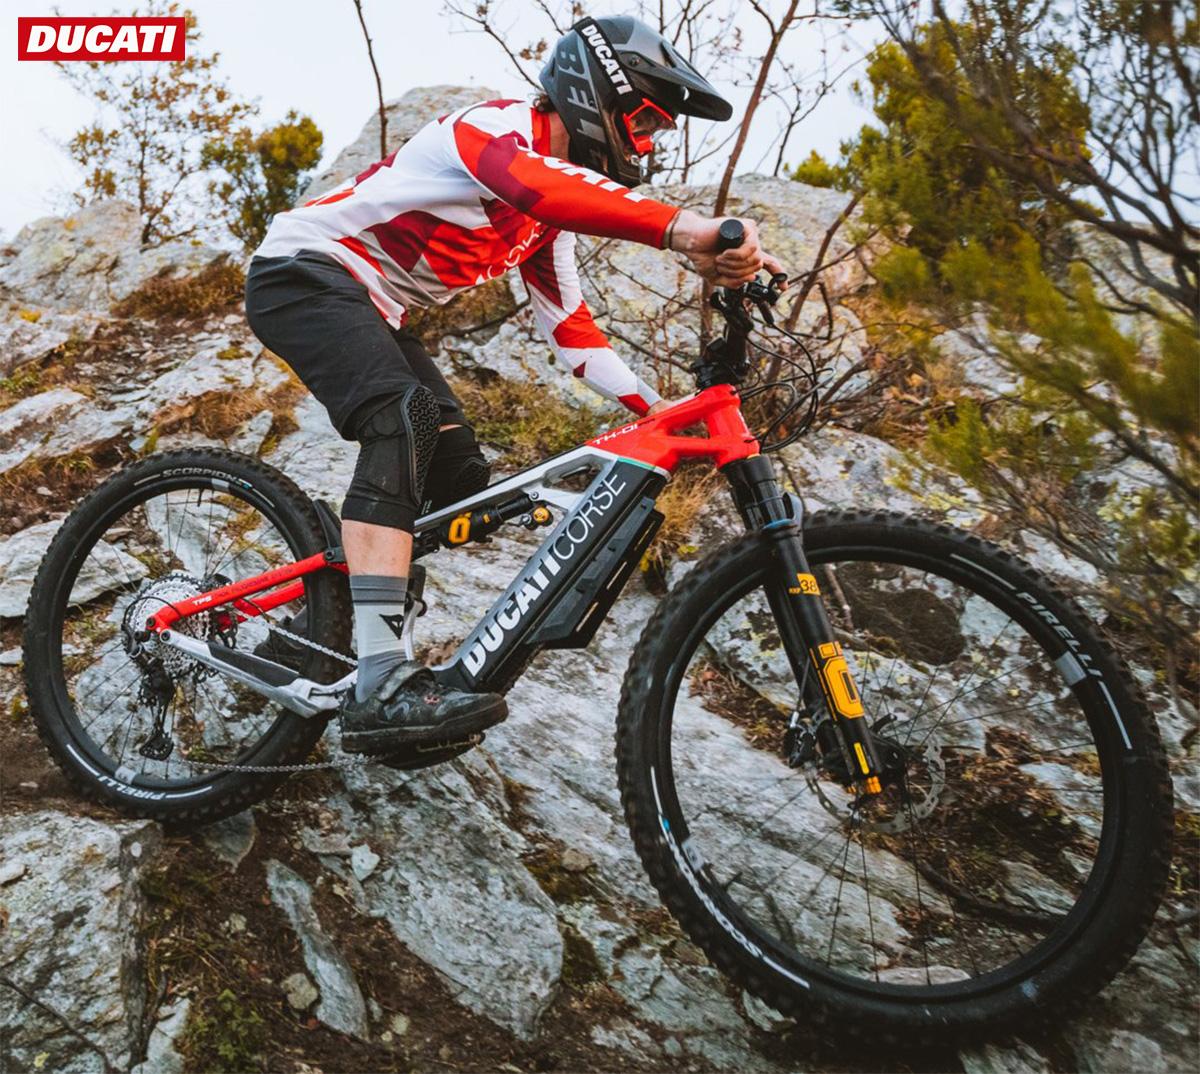 Un rider affronta un percorso montano in sella ad una nuova emtb Ducati 2021